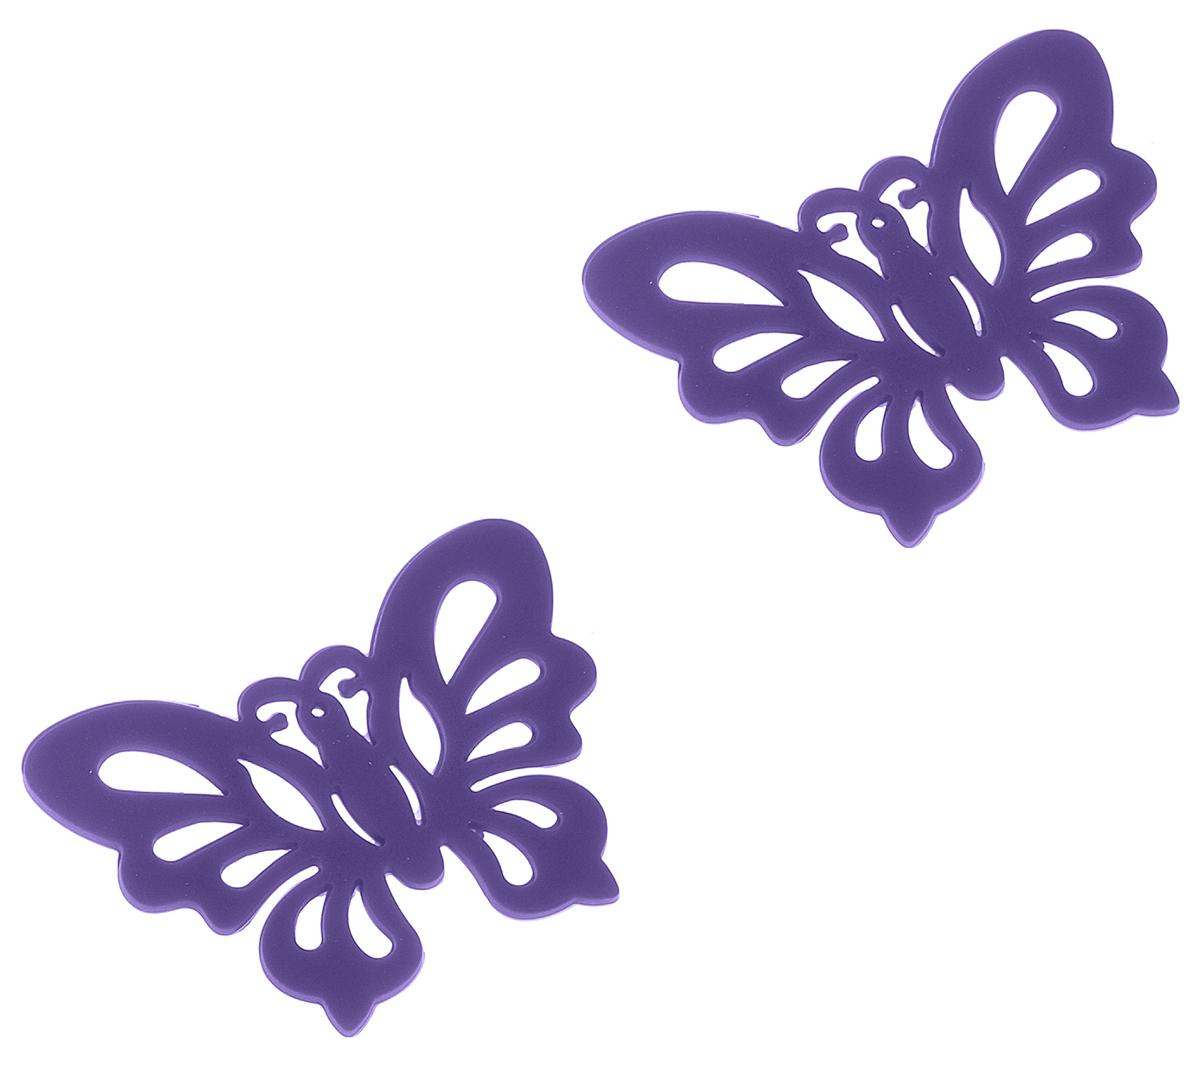 Набор подставок под горячее Доляна Бабочка, цвет: фиолетовый, 12 x 9 см, 2 шт148200_фиолетовыйНабор Доляна Бабочка состоит из 2 силиконовых подставок под горячее, выполненных в форме бабочек. Силиконовая подставка под горячее - практичный предмет, который обязательно пригодится в хозяйстве. Изделие поможет сберечь столы, тумбы, скатерти и клеенки от повреждения нагретыми сковородами, кастрюлями, чайниками и тарелками.